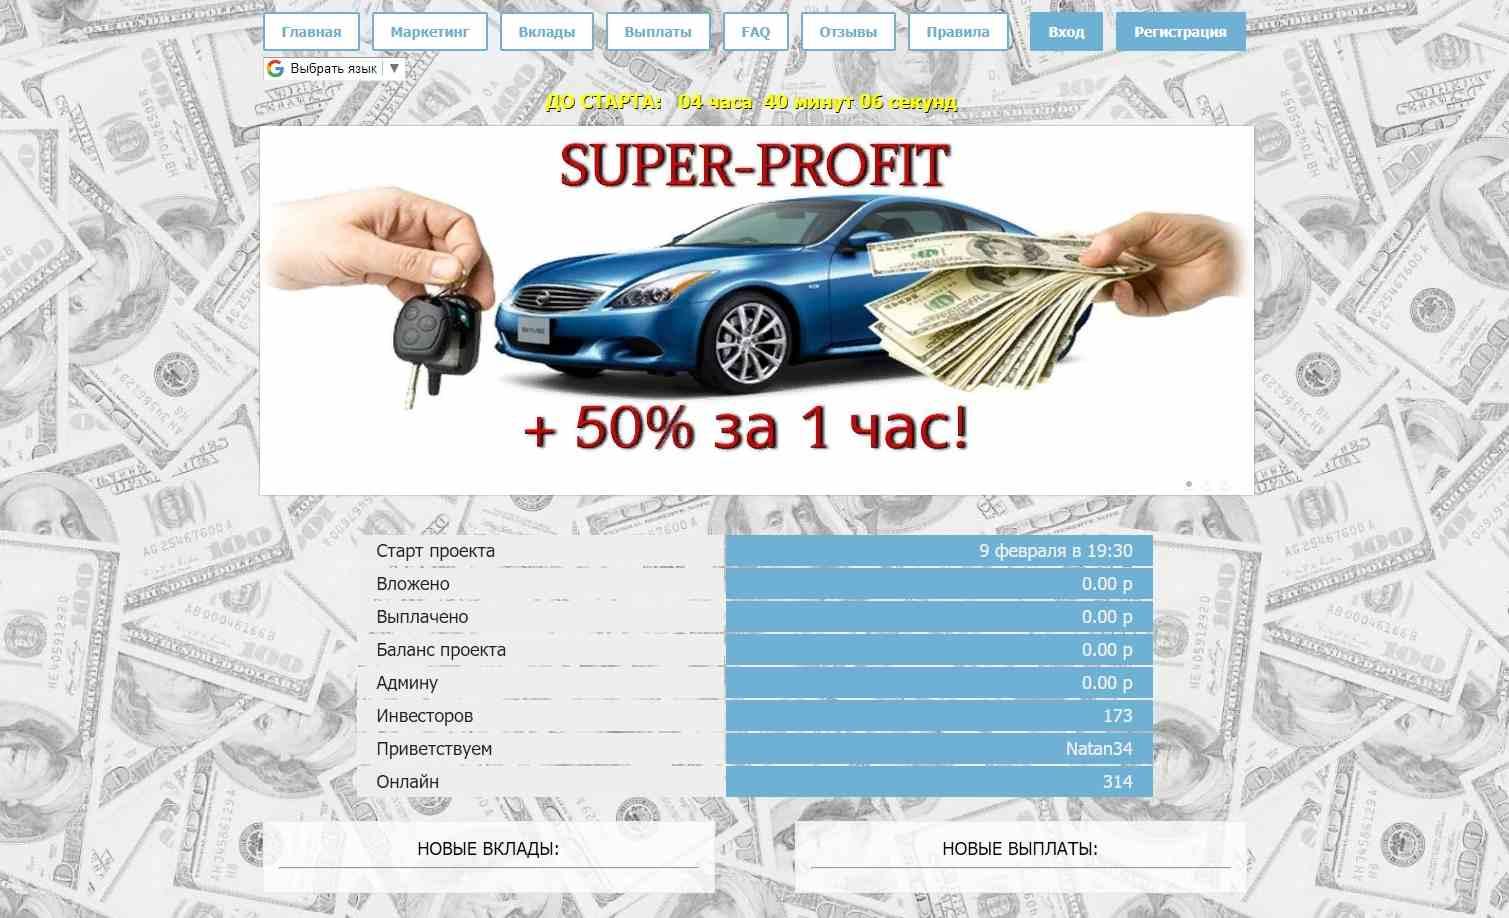 SUPER-PROFIT